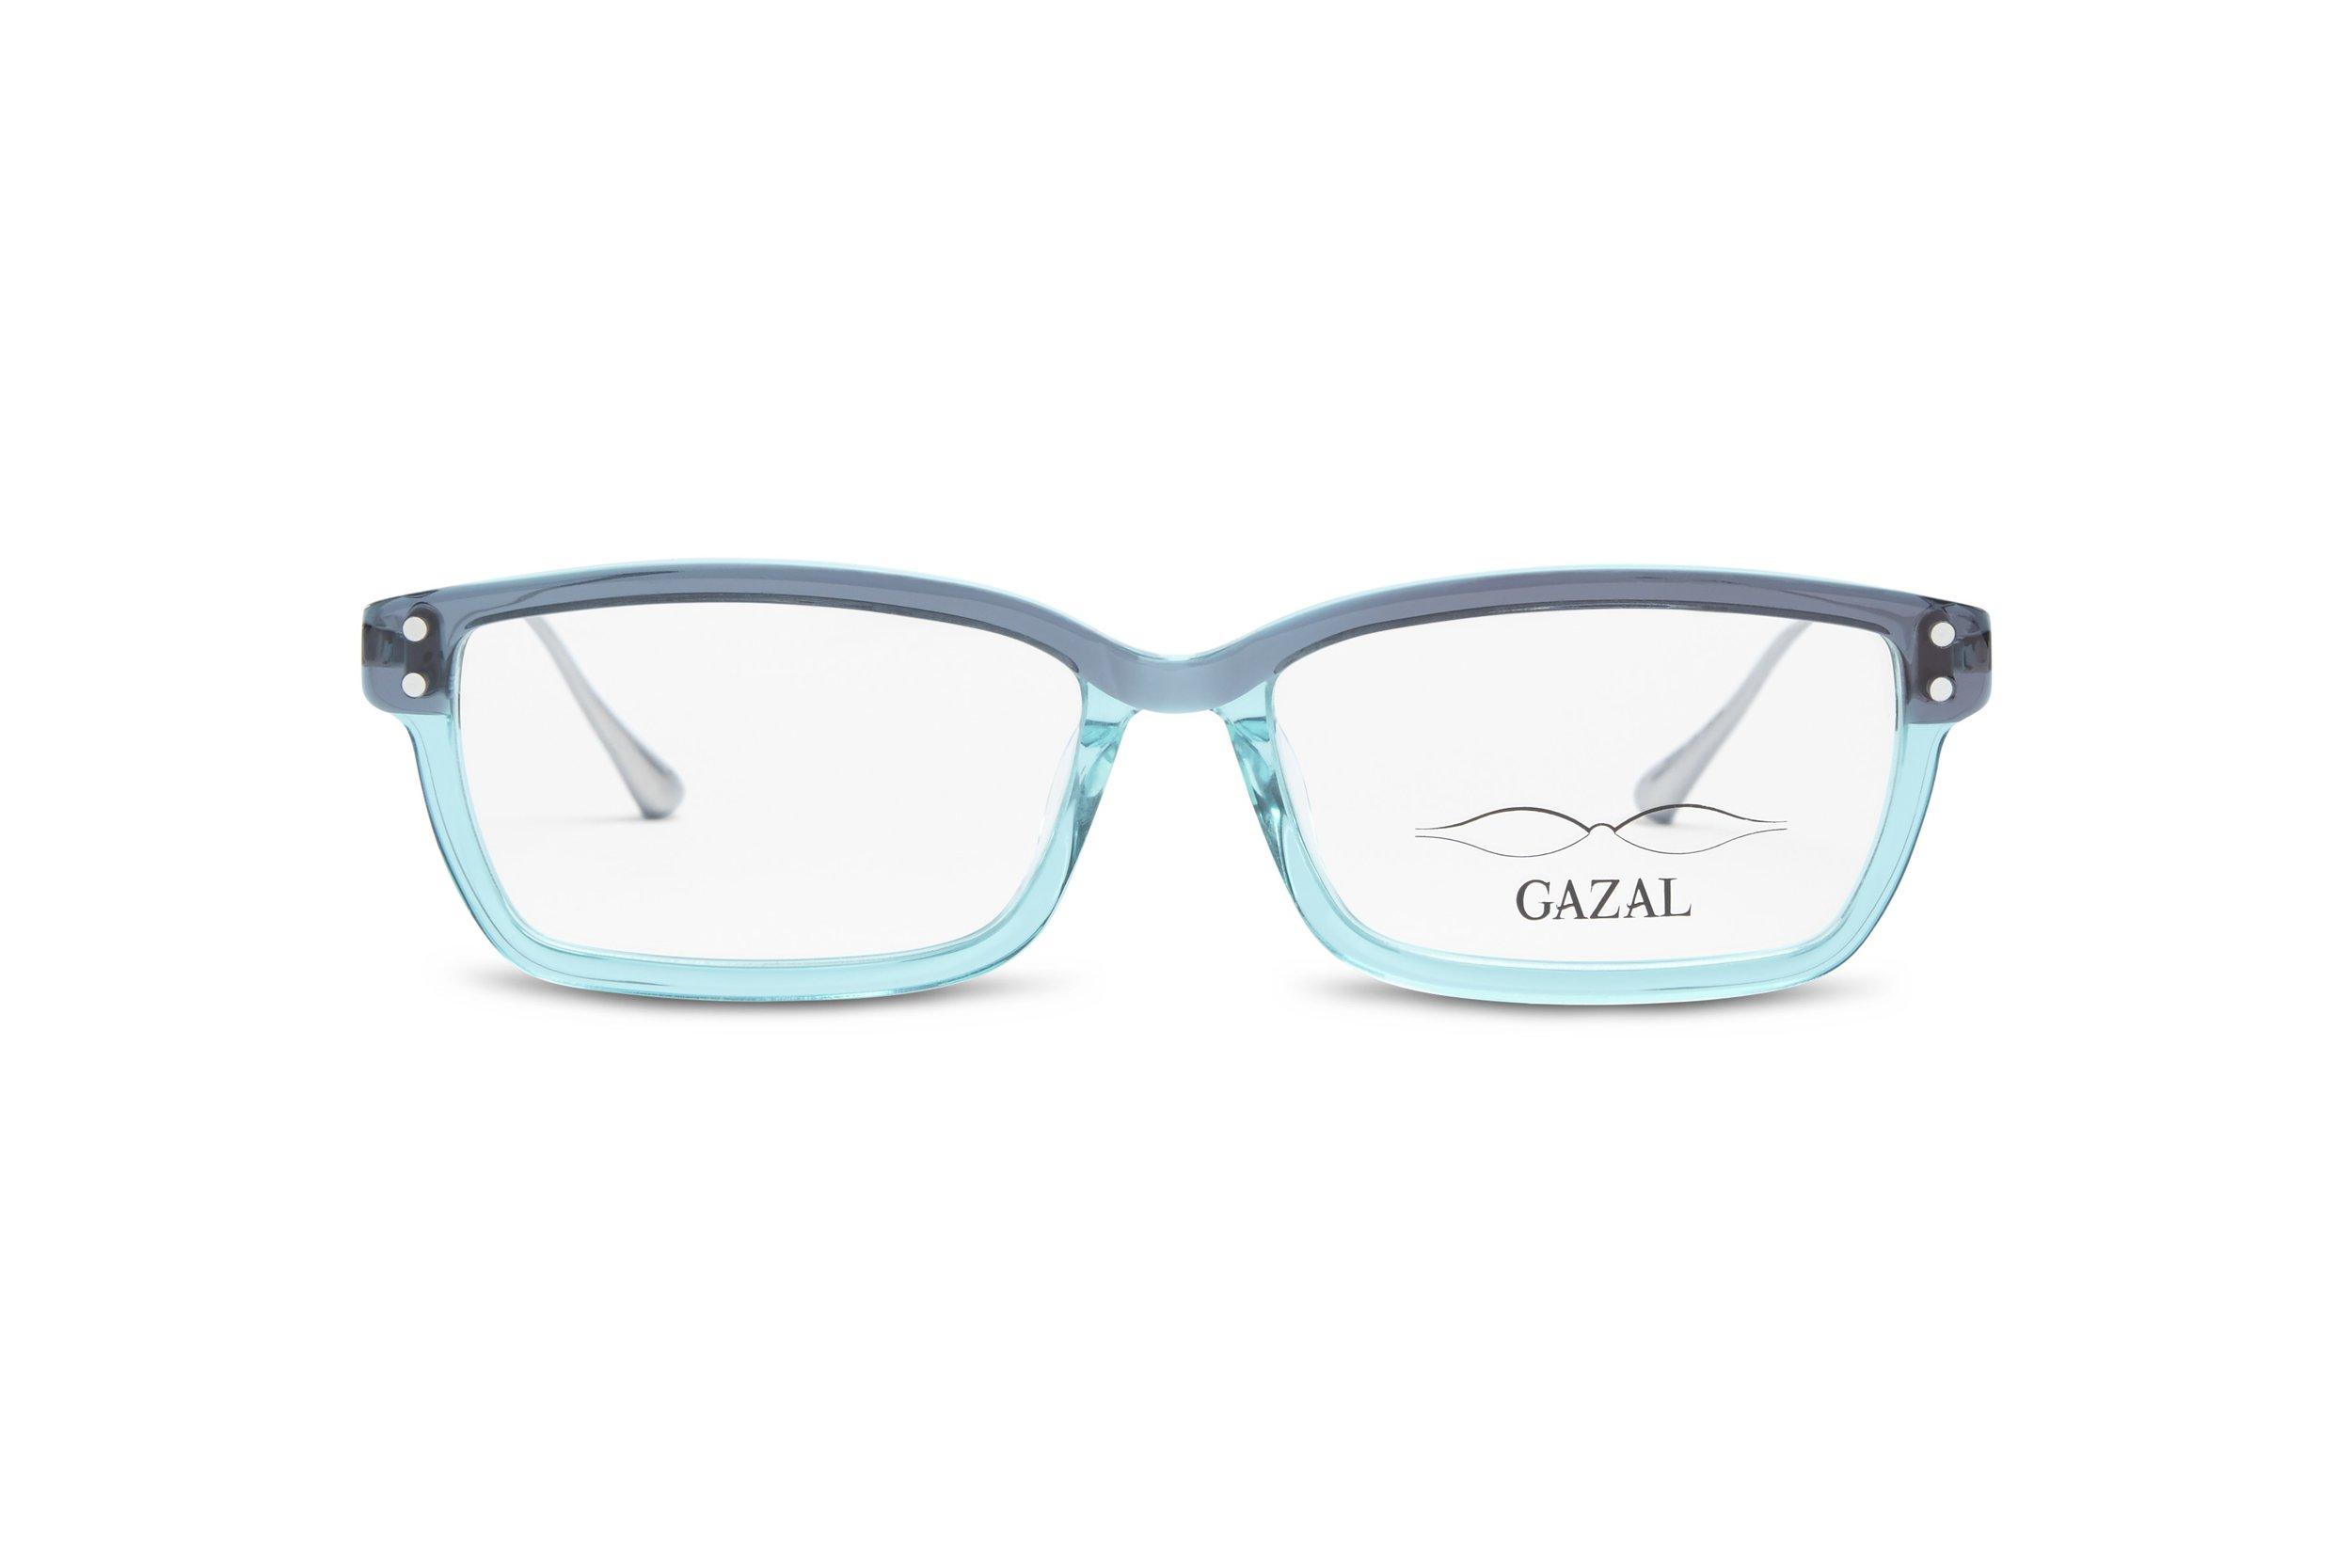 LoveE-teal-eyeglasses-fun-new.jpg